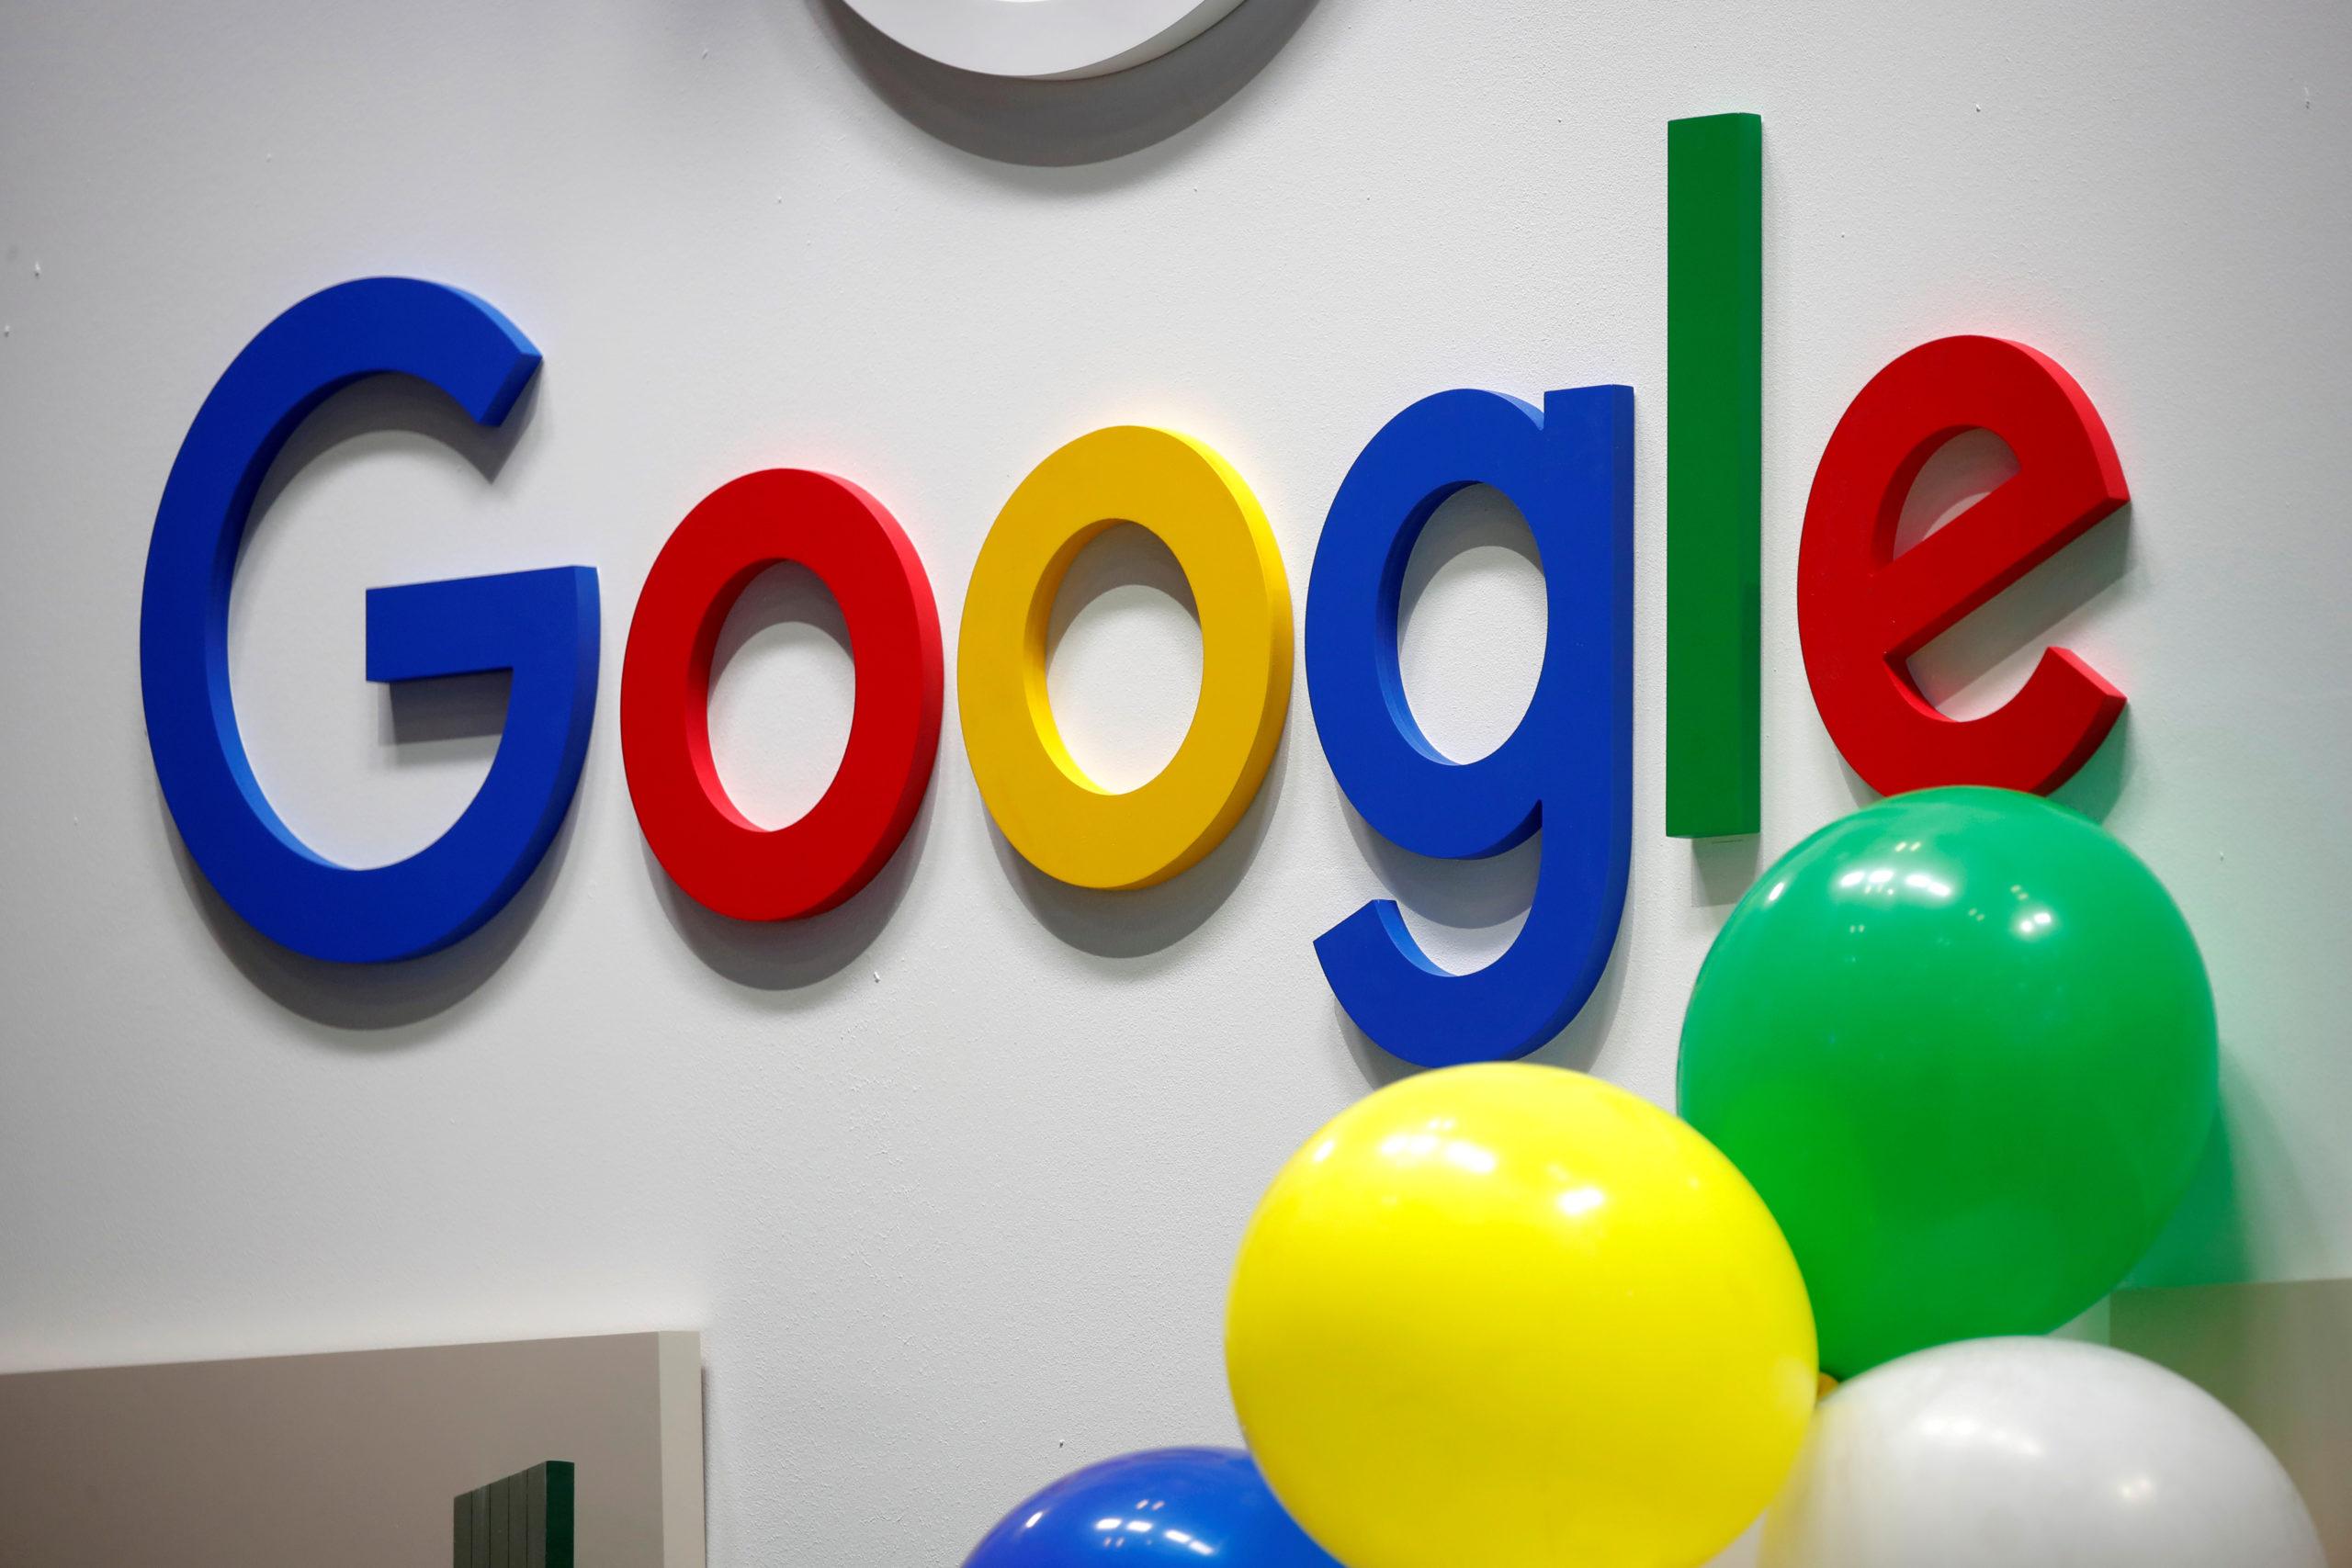 """Google doit « clarifier la rédaction des règles de fonctionnement de Google Ads », selon l'Autorité française de la concurrence chargée d'assurer le respect de l'ordre public économique en France et de promouvoir """"une concurrence suffisante sur les marchés ». /Photo d'archives/REUTERS/Charles Platiau"""